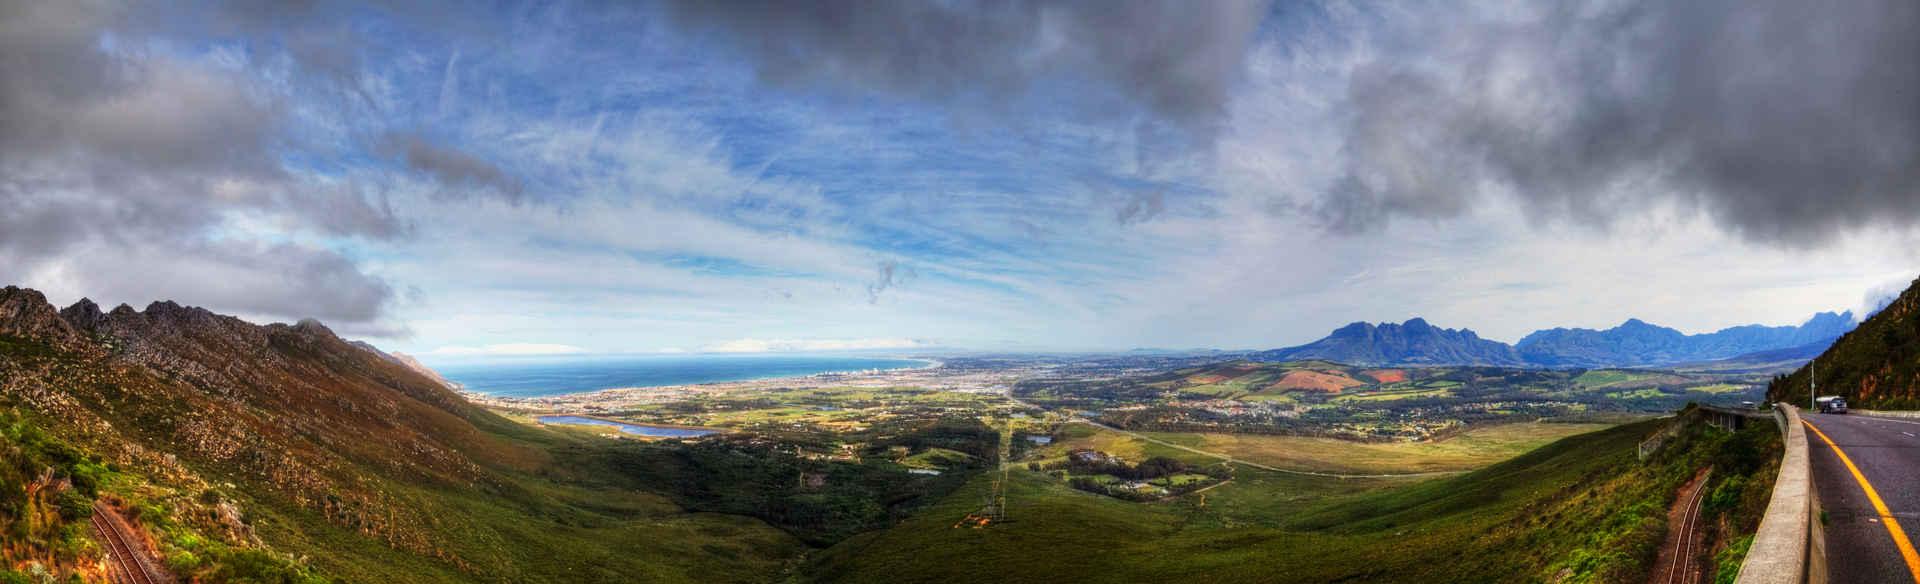 Sir Lowry's View